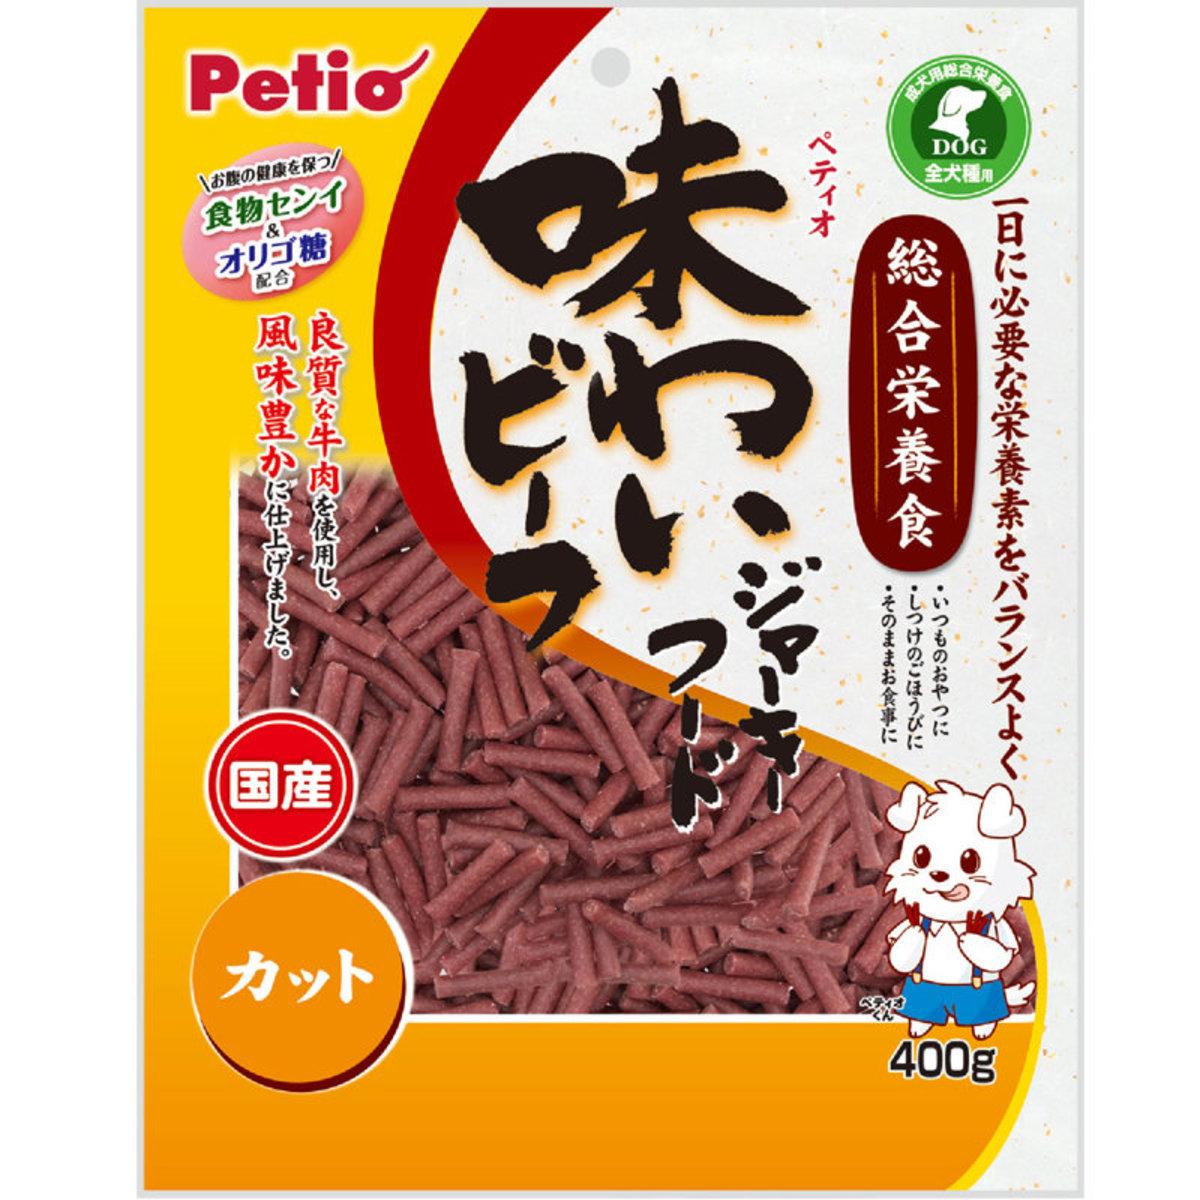 狗小食全面營養濃郁牛肉粒 400g #A125(W12328)